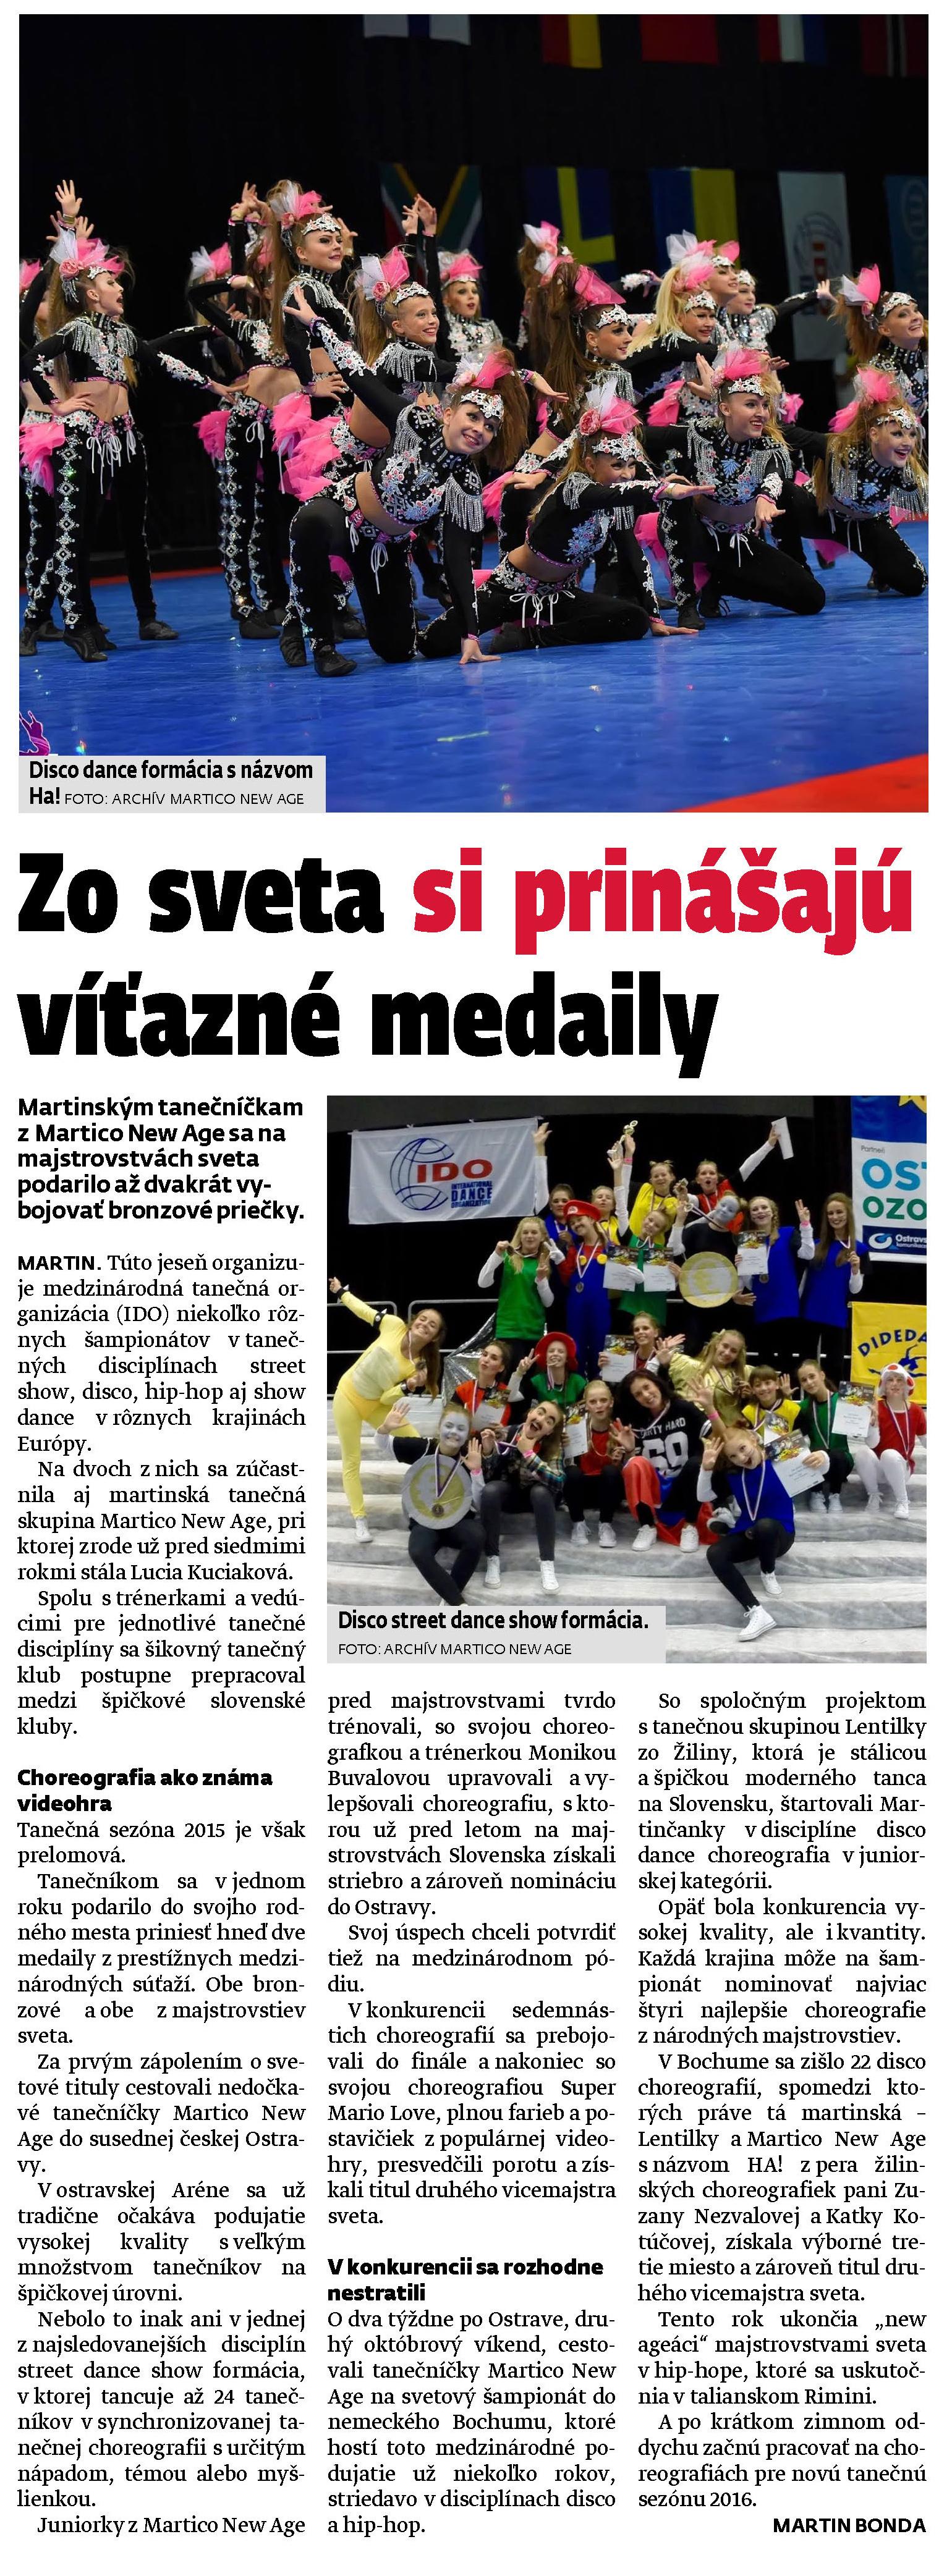 Článok o úspechoch Martico New Age na Majstrovstvách sveta 2015